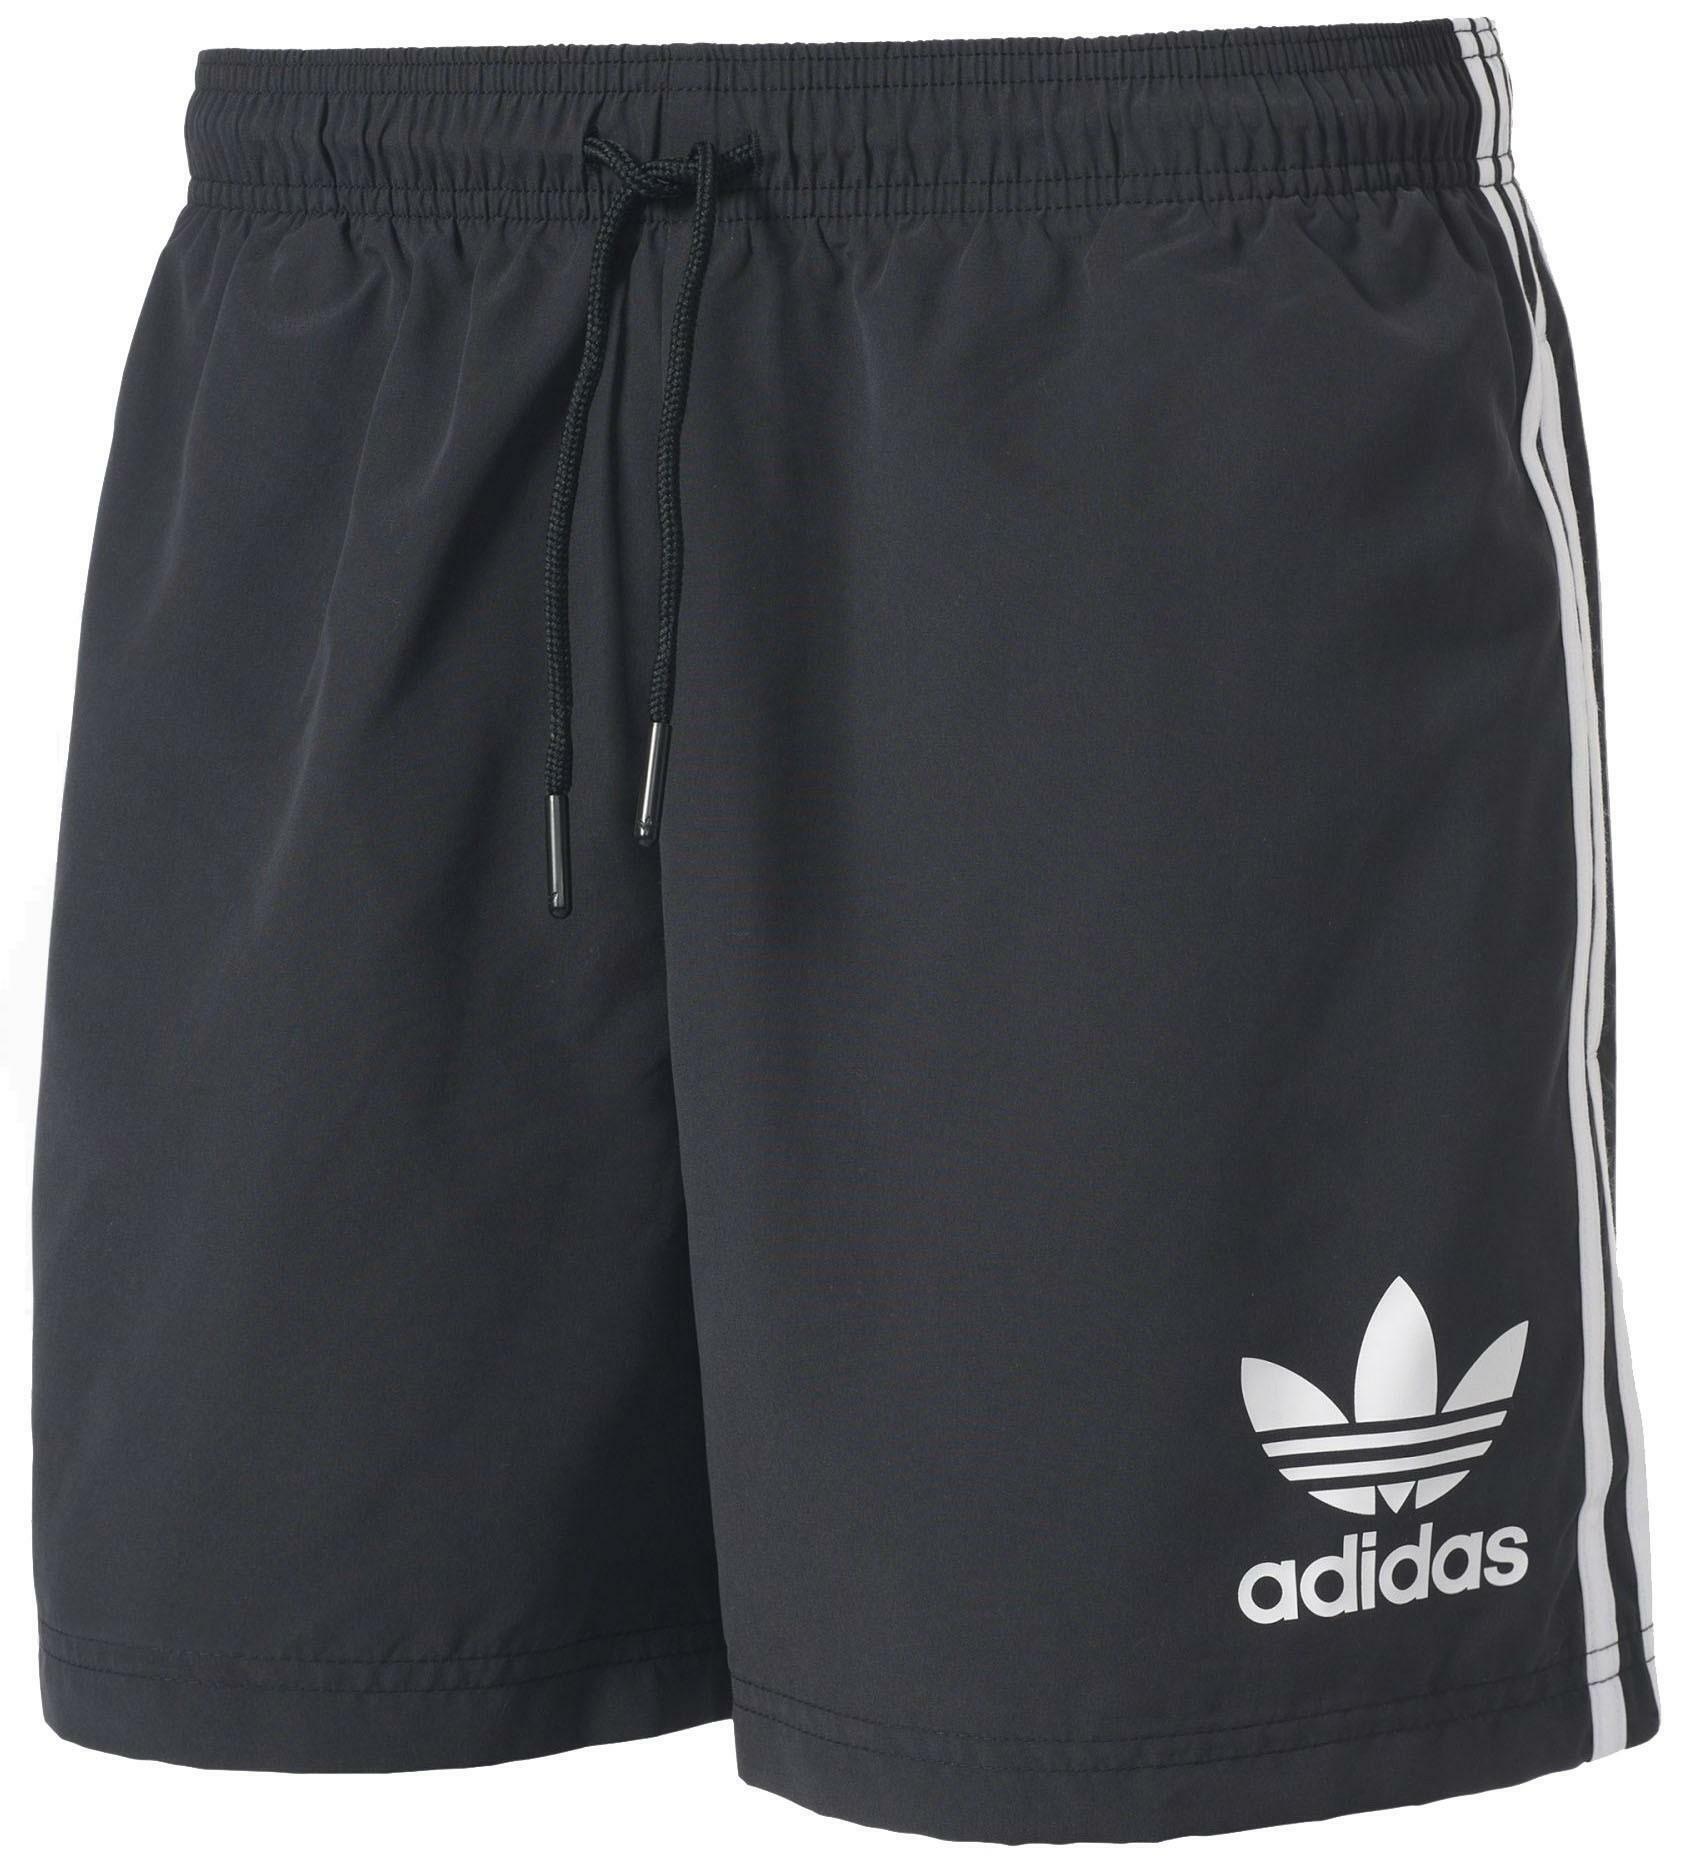 adidas adidas clfn costume pantaloncino uomo nero